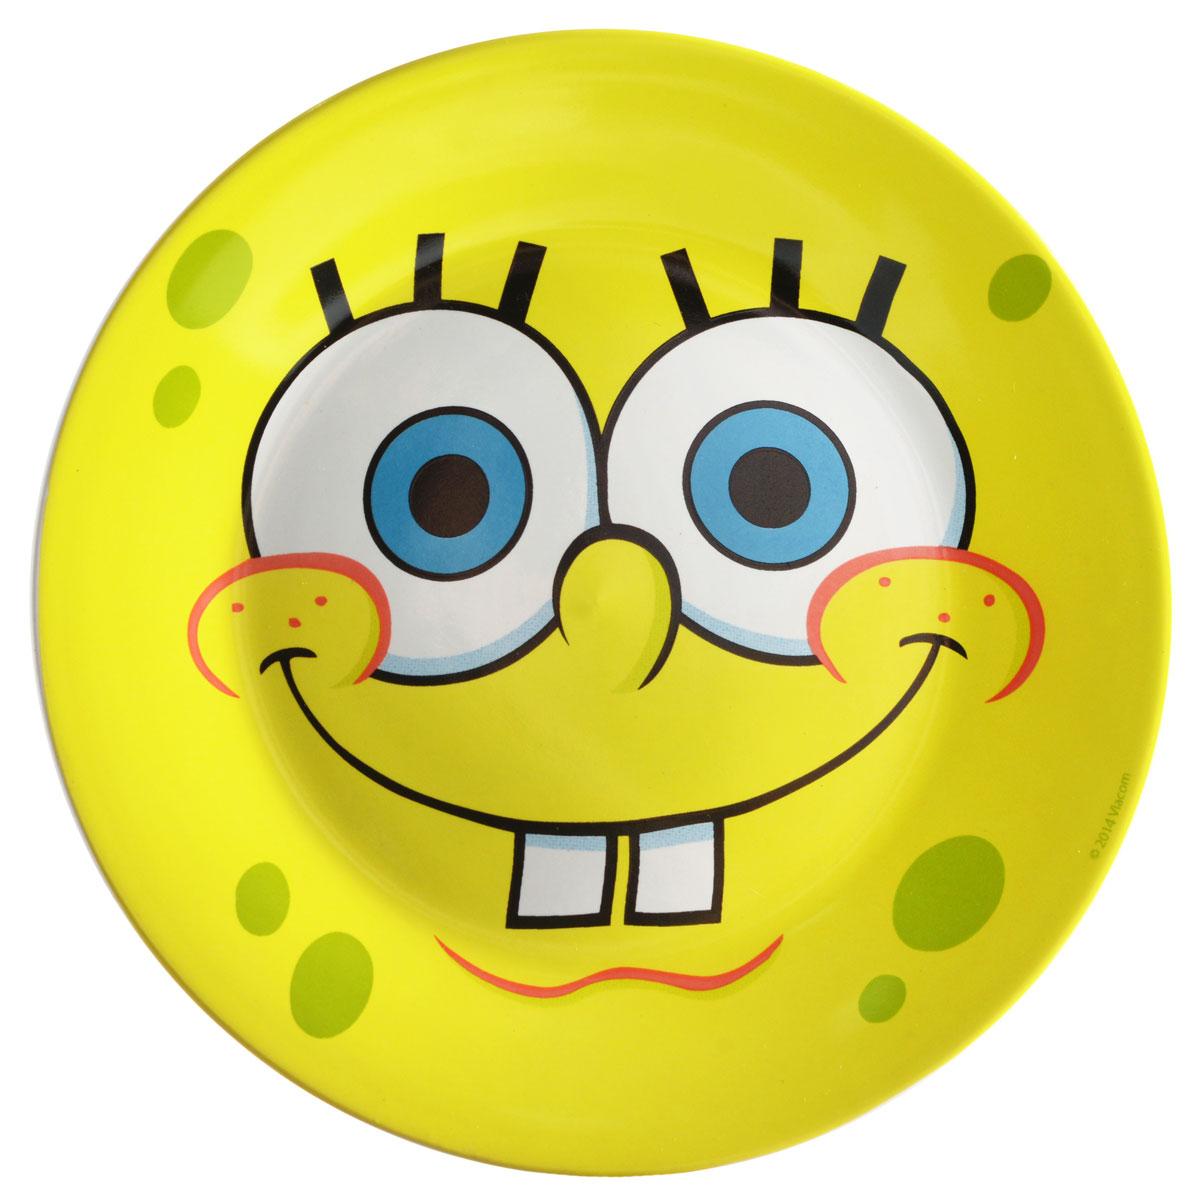 Губка Боб Тарелка детская Солнечный диаметр 19 смSBP190-1Яркая тарелка Губка Боб Солнечный идеально подойдет для кормления малыша и самостоятельного приема им пищи. Тарелка выполнена из керамики и оформлена высококачественным изображением героя мультфильма Губка Боб.Такой подарок станет не только приятным, но и практичным сувениром, добавит ярких эмоций вашему ребенку! Можно использовать в СВЧ-печи и посудомоечной машине.